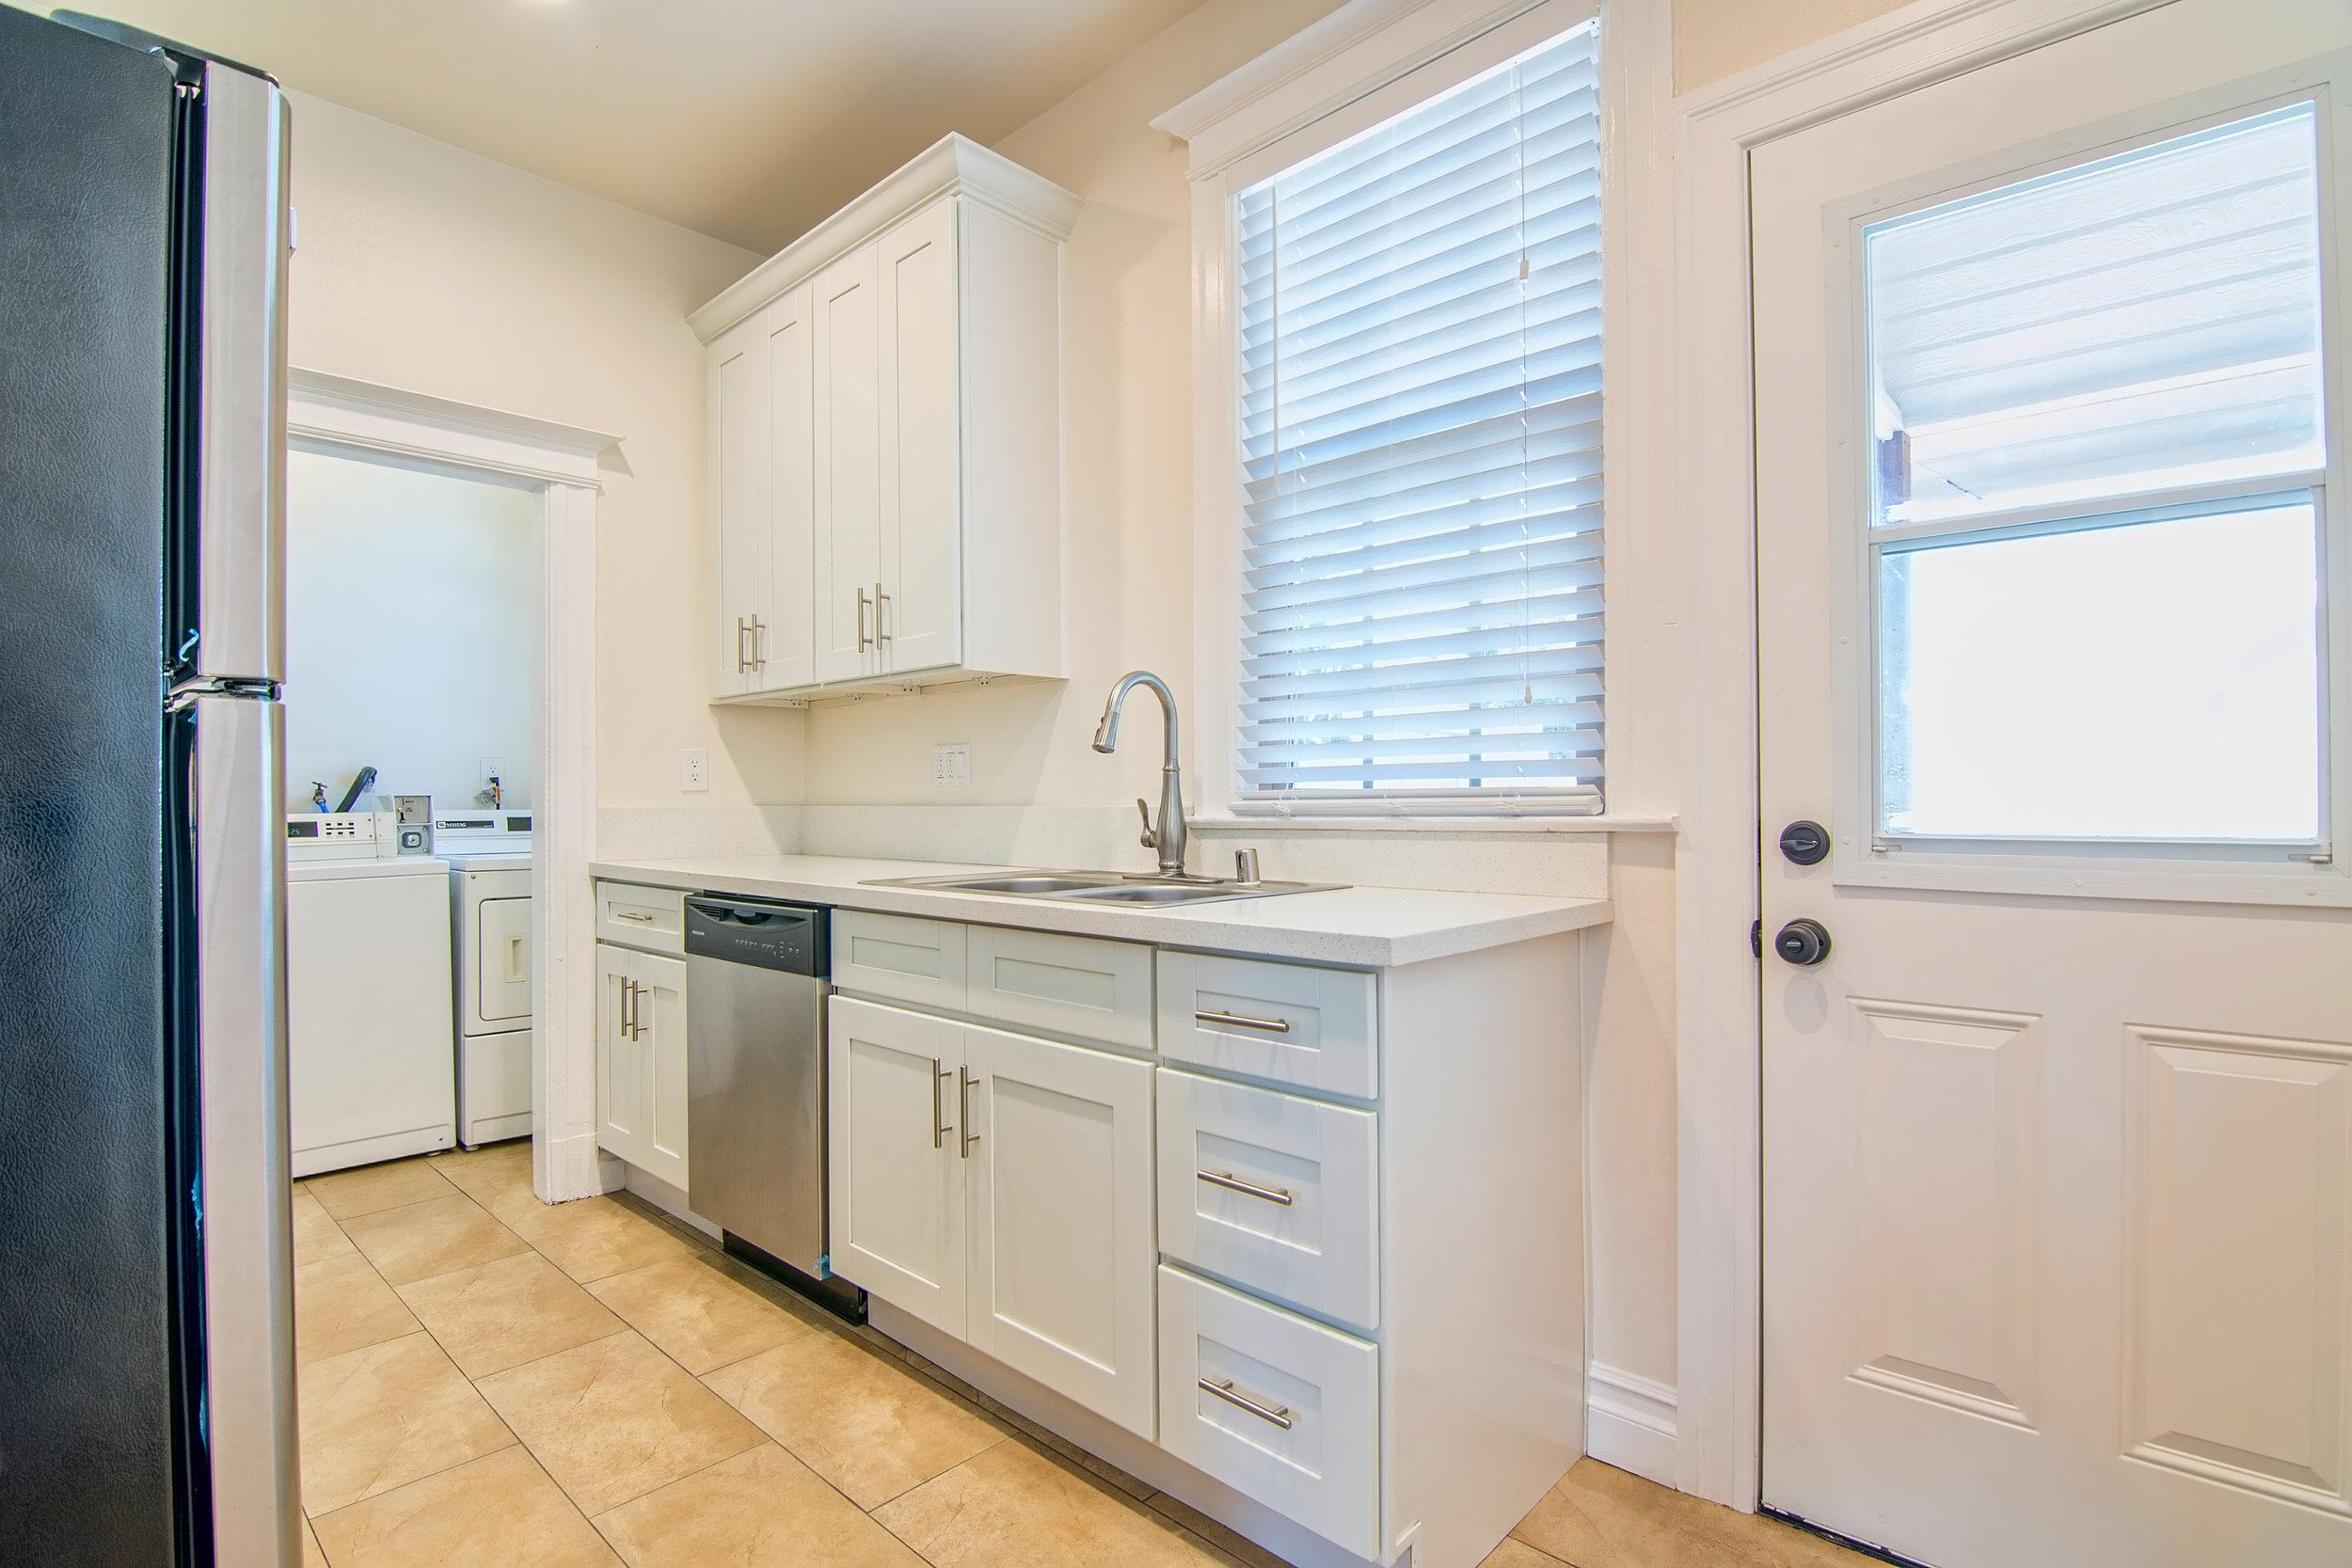 Post Renovation Kitchen